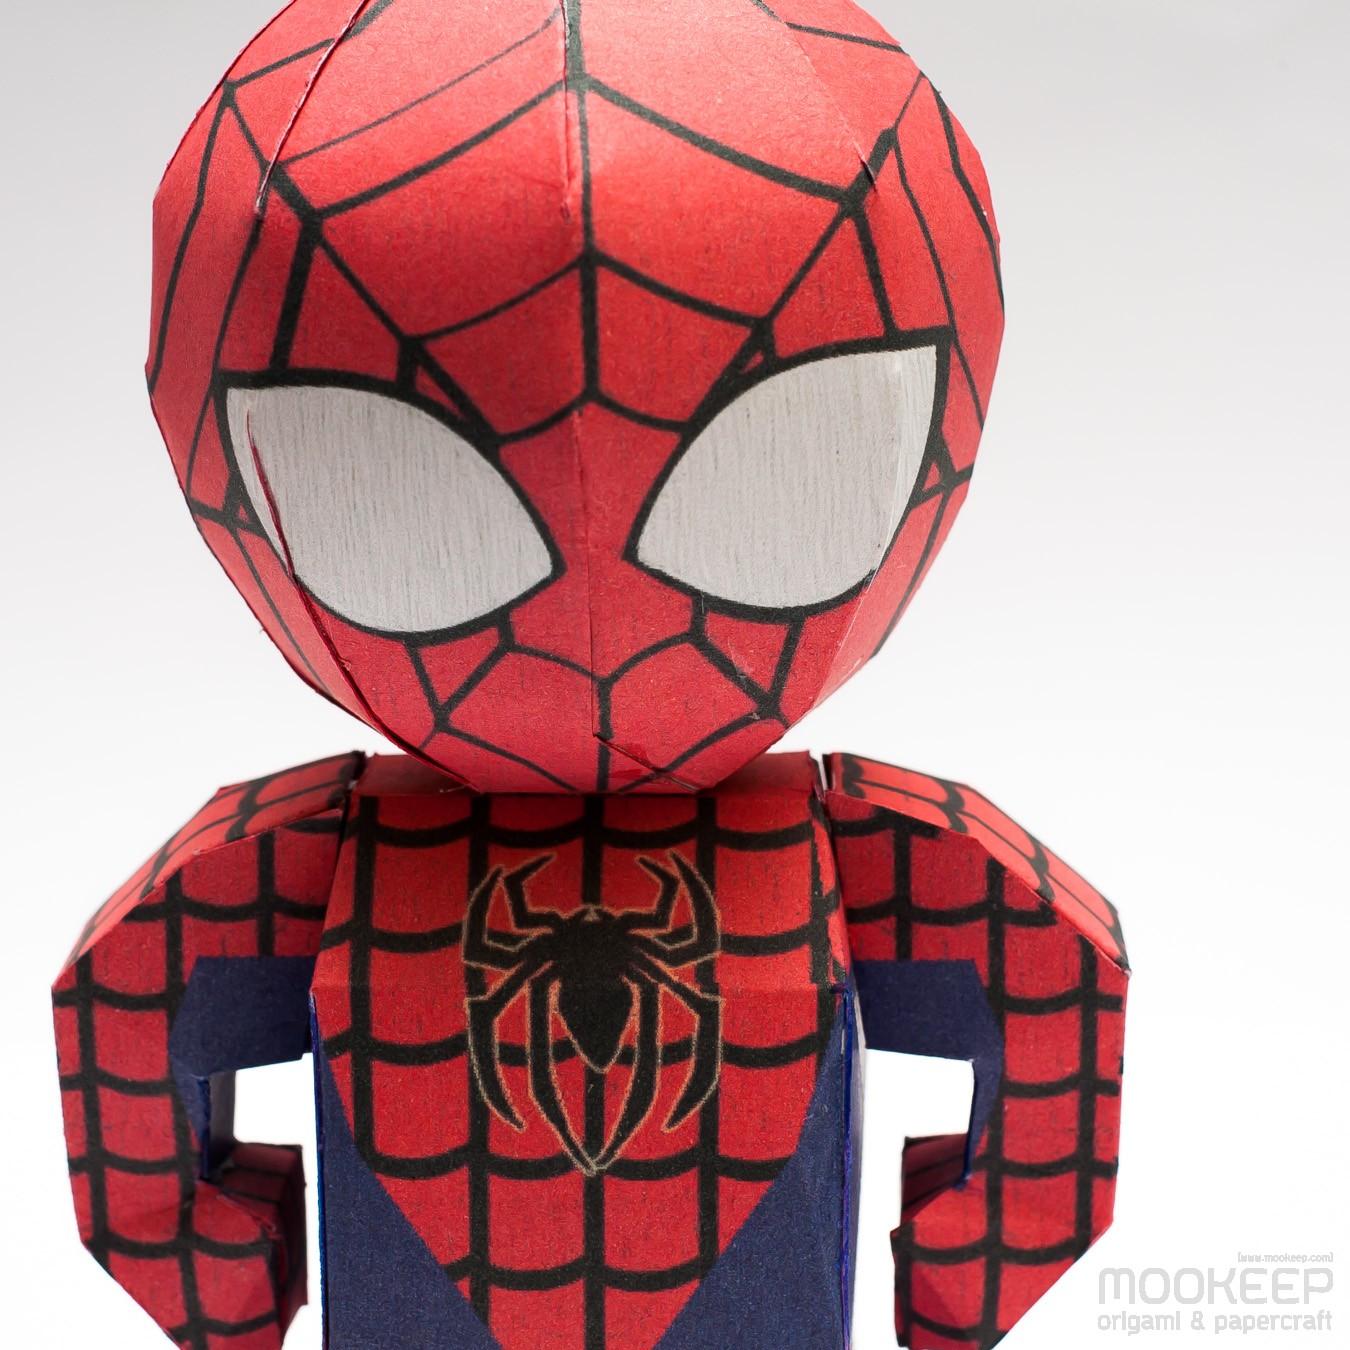 วิธีทำของเล่นโมเดลกระดาษสไปเดอร์แมน (Spiderman Papercraft Model) 004